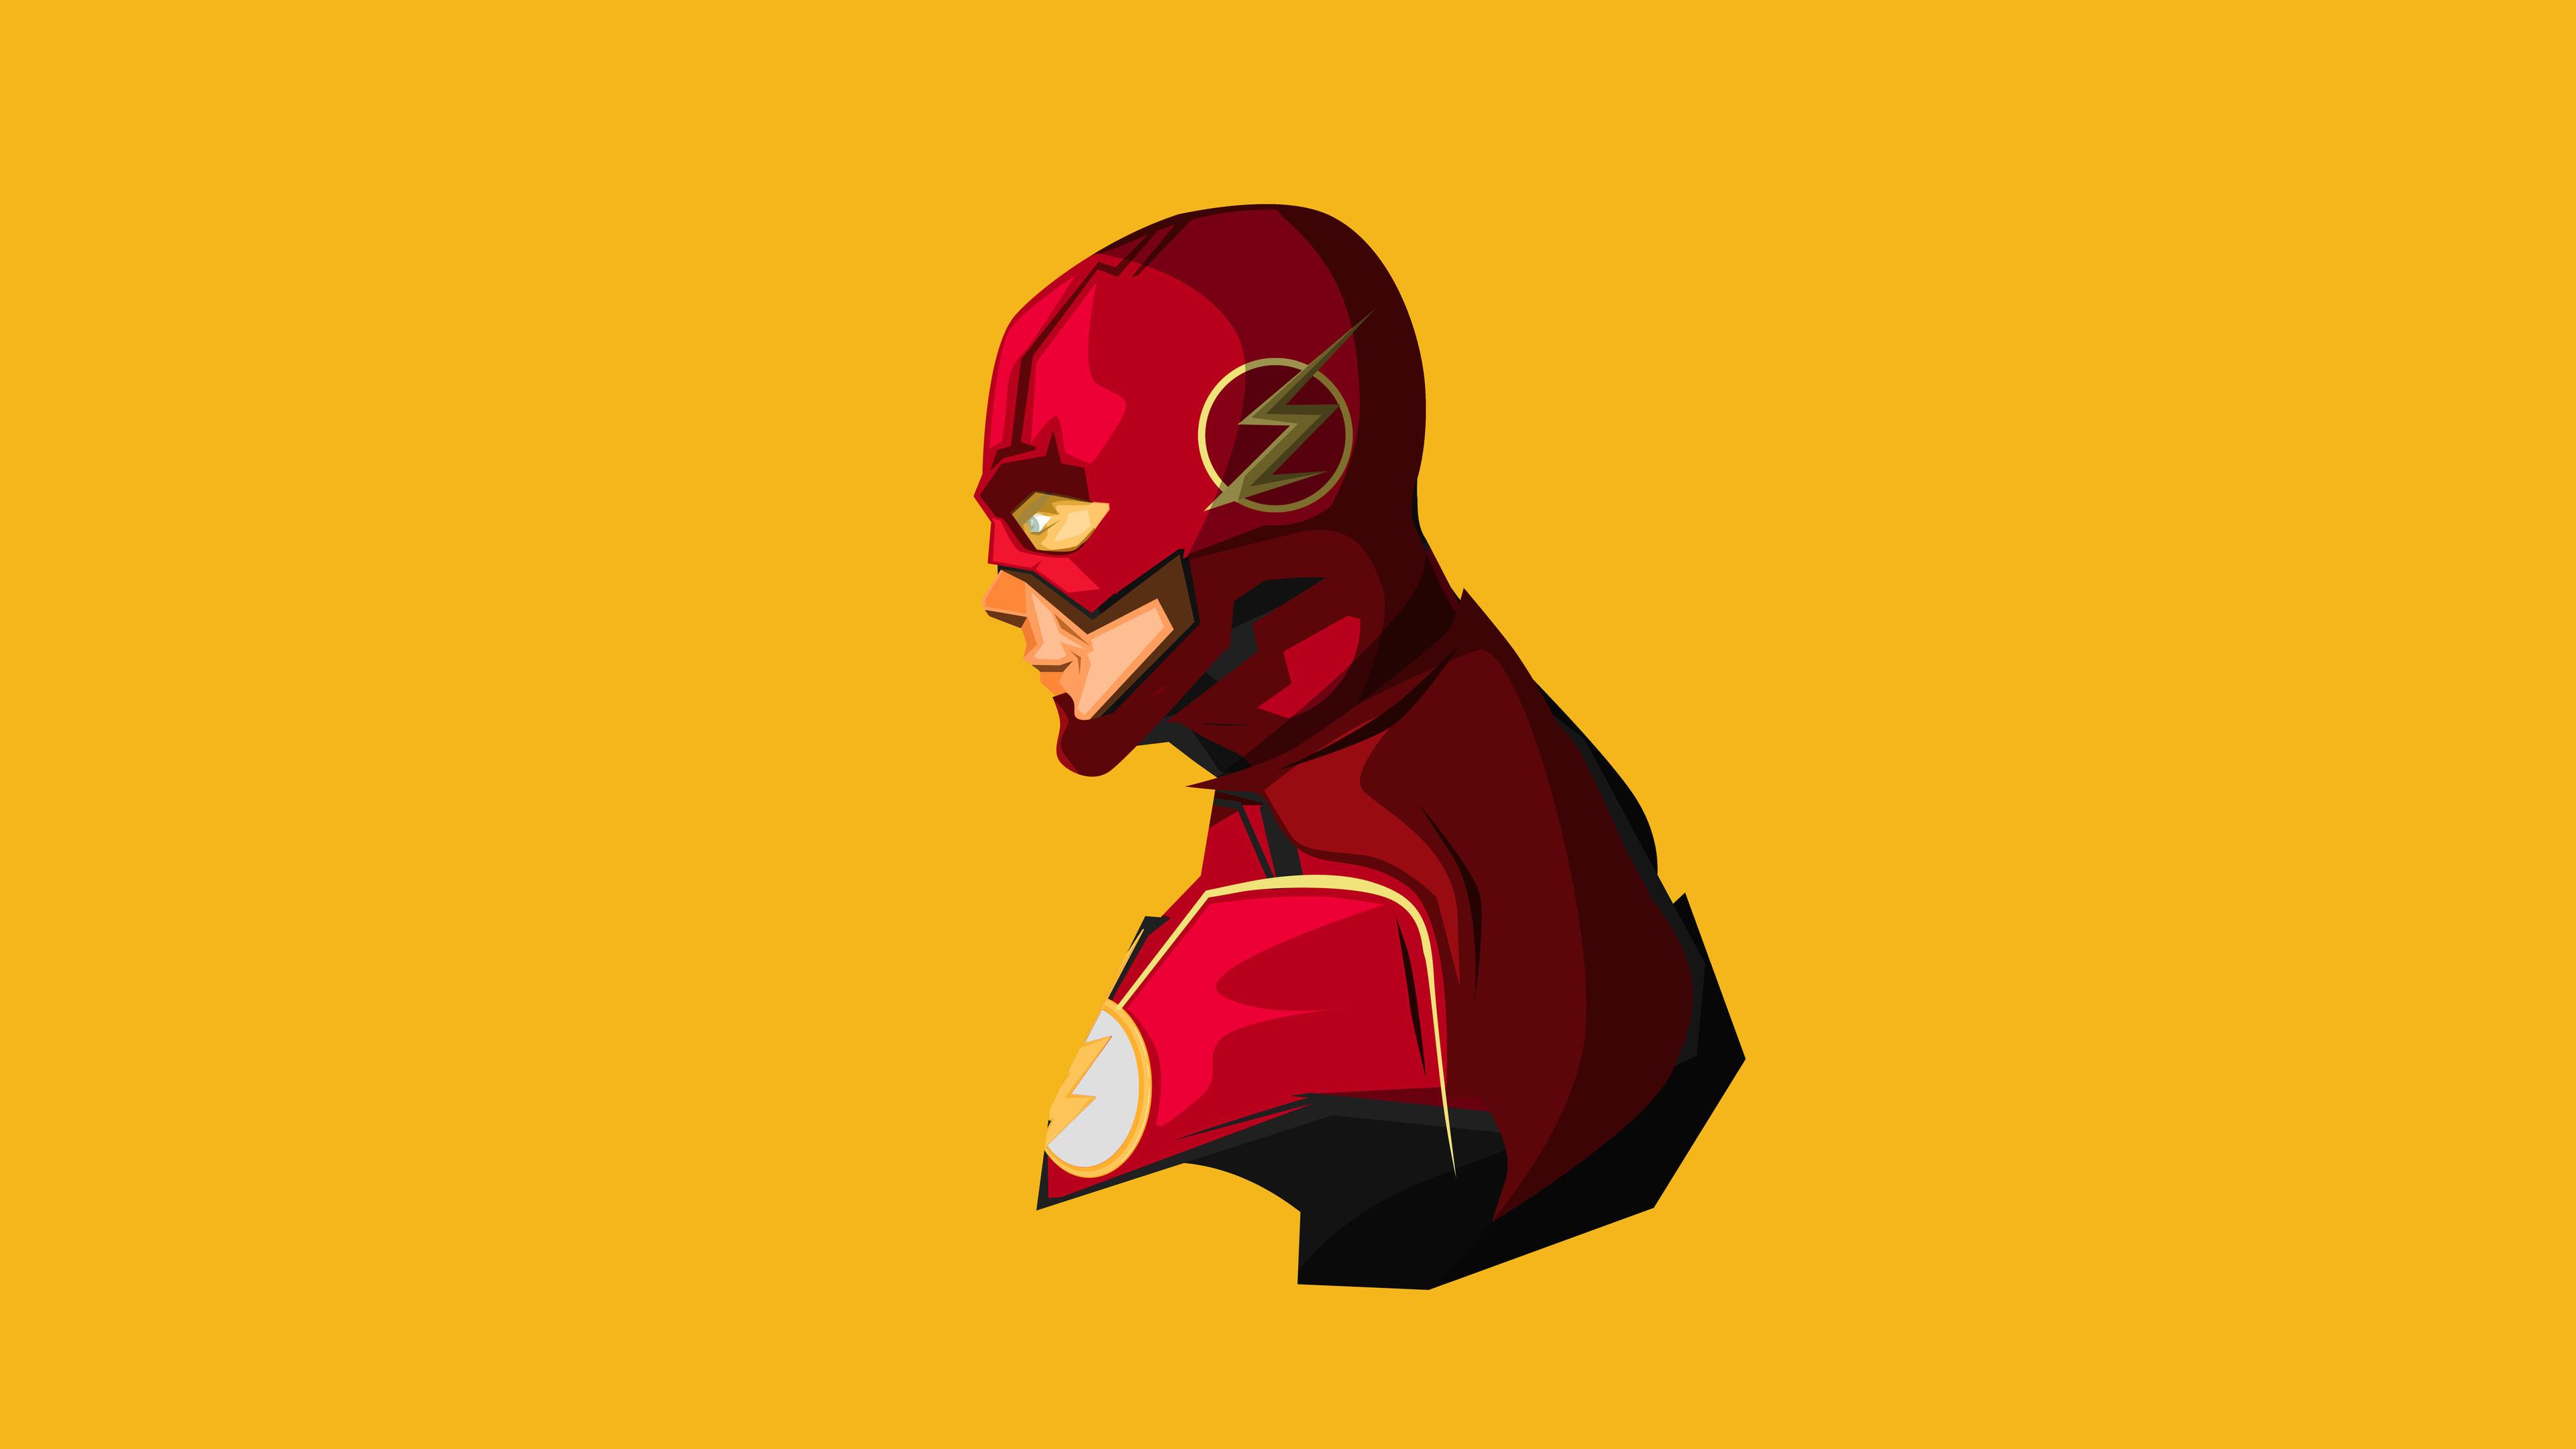 flash minimal 4k 1536523698 - Flash Minimal 4k - superheroes wallpapers, minimalism wallpapers, hd-wallpapers, flash wallpapers, digital art wallpapers, artwork wallpapers, artist wallpapers, 4k-wallpapers